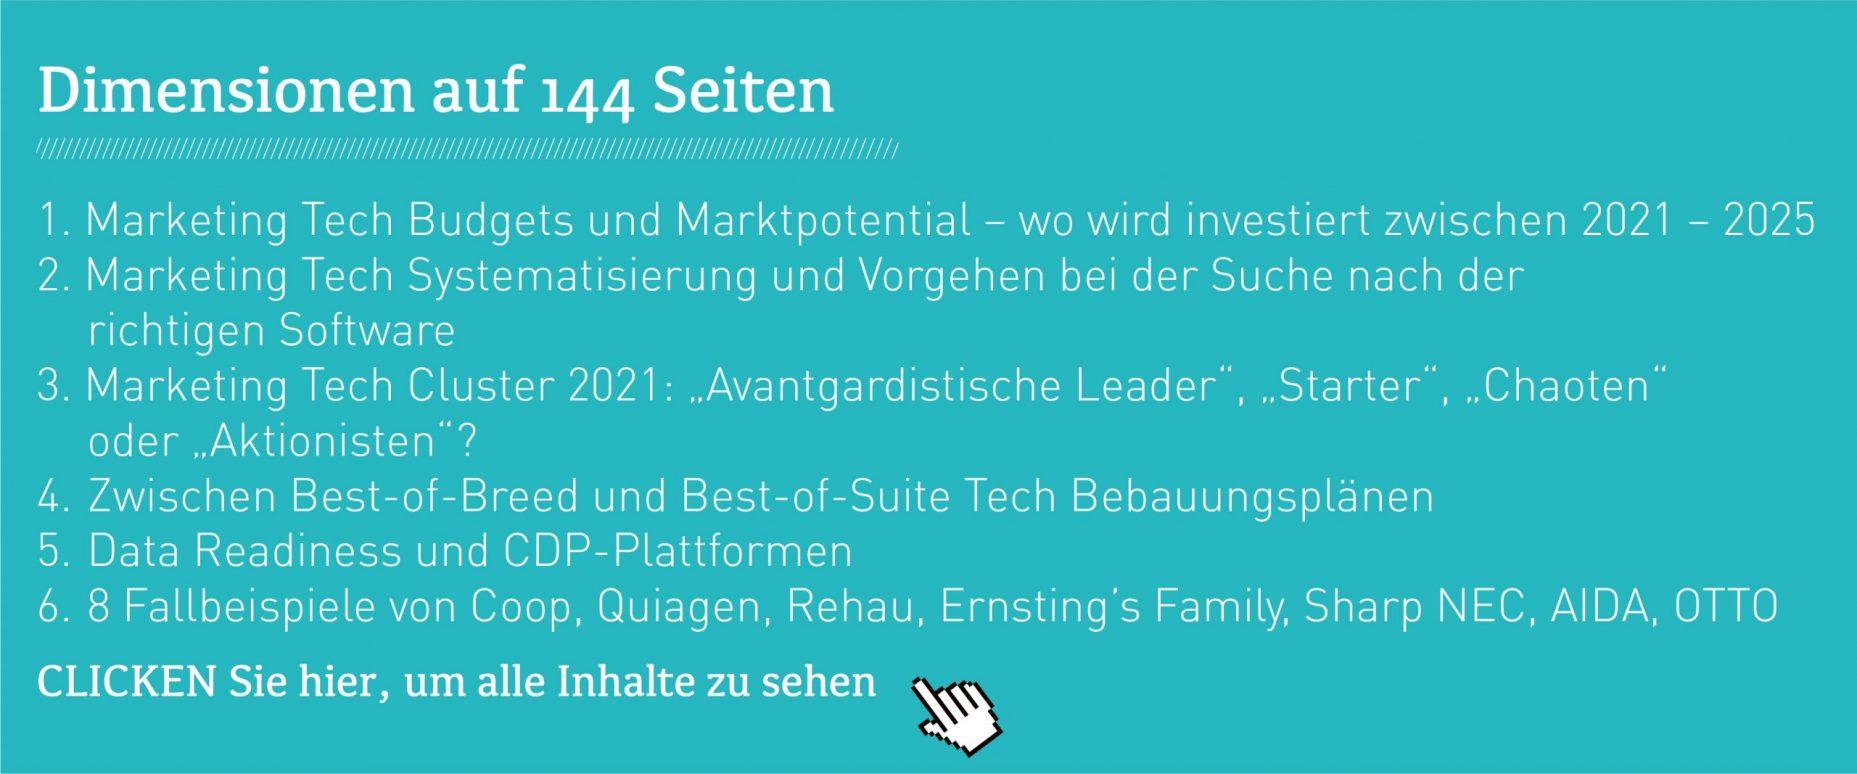 mtm21_Web_SubImages_dimensionen2021